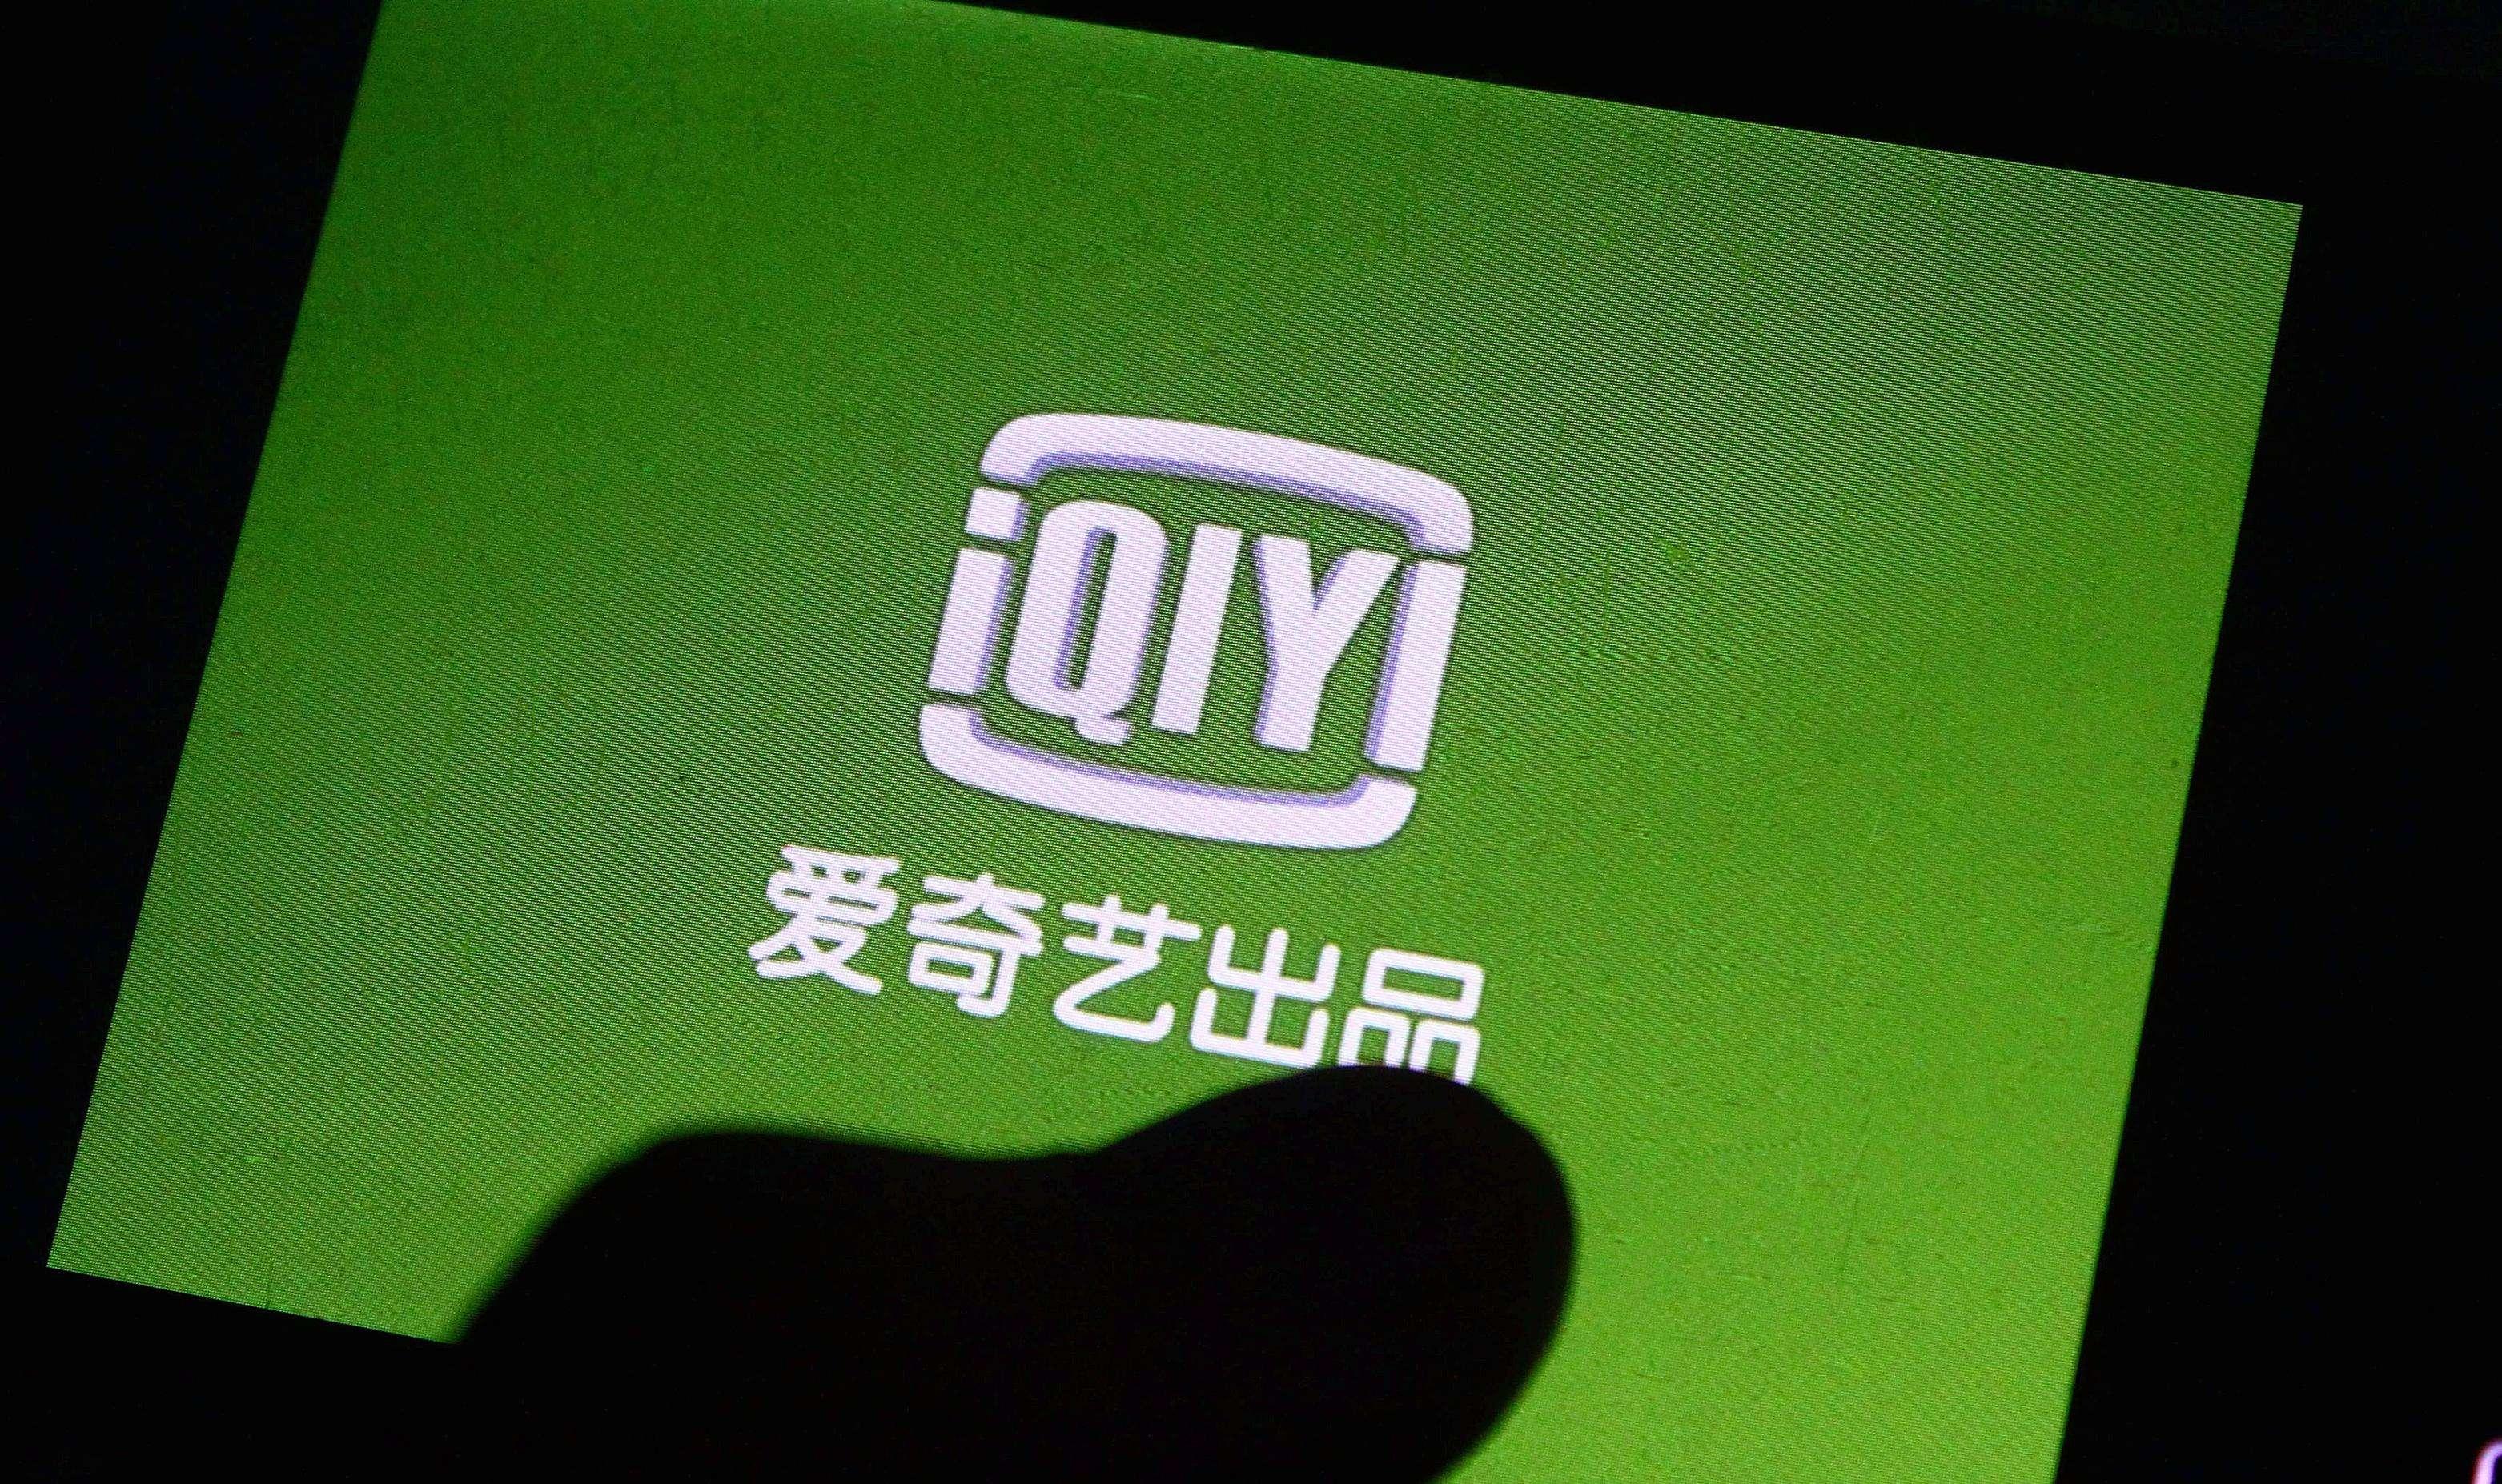 2018年中国视频付费行业将破千亿,付费时代正式来临